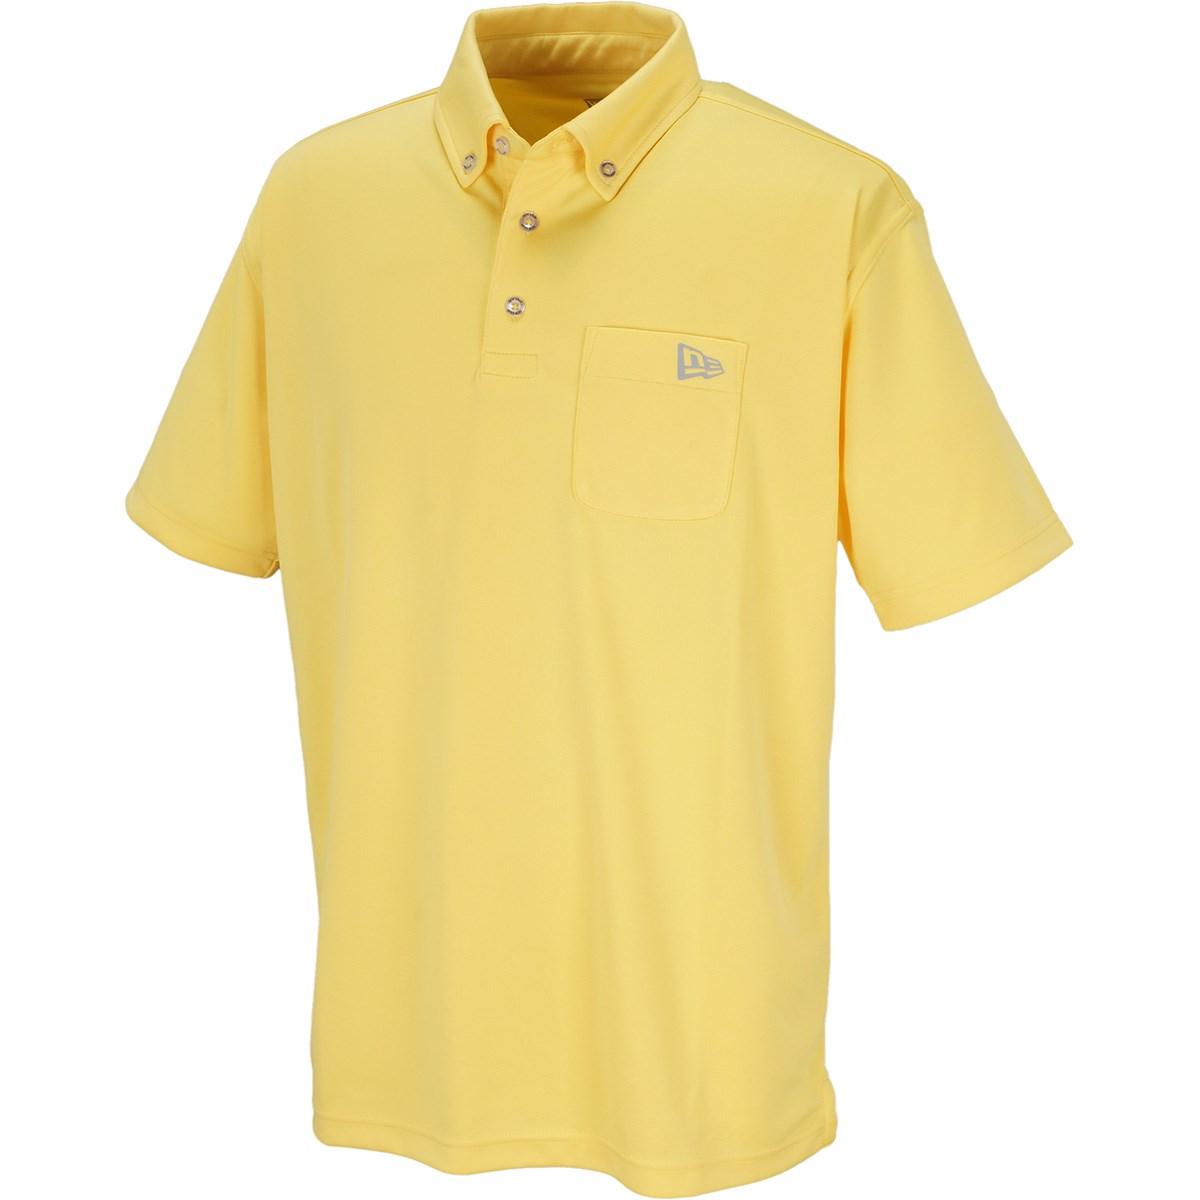 ニューエラ GOLF POCKET ボタンダウン半袖ポロシャツ